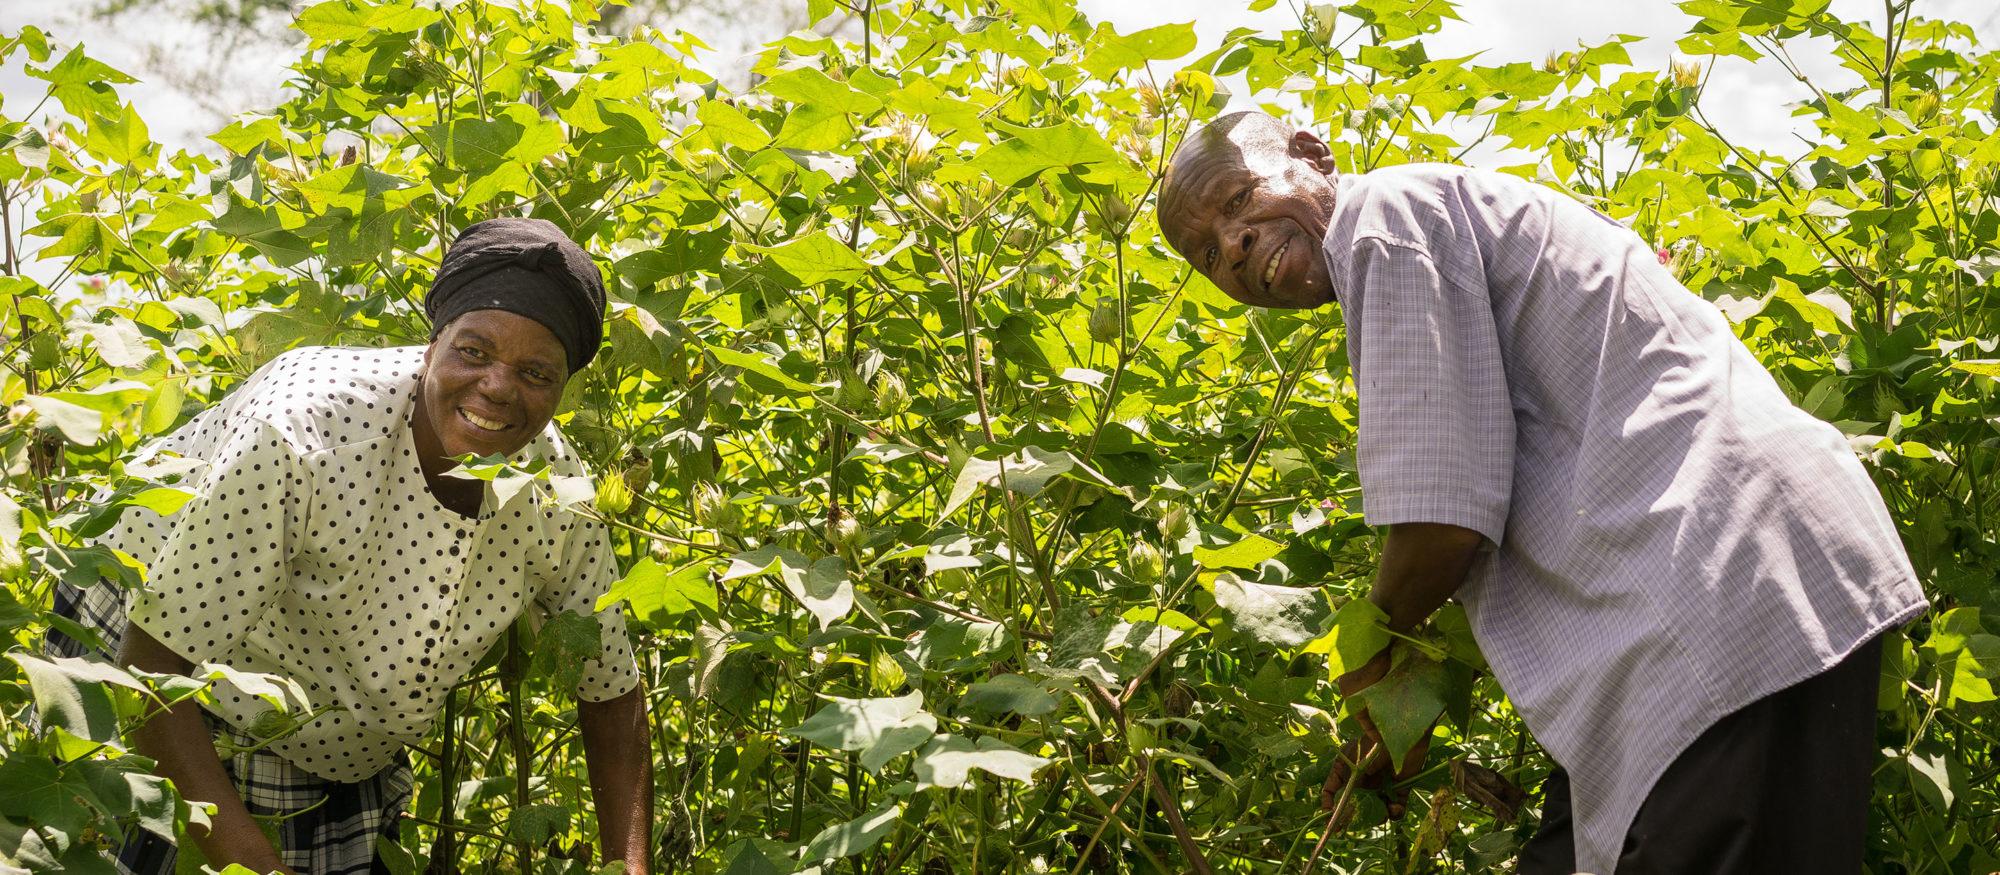 En kvinna och en man står böjda över sina grödor samtidigt som de leende tittar in i kameran.